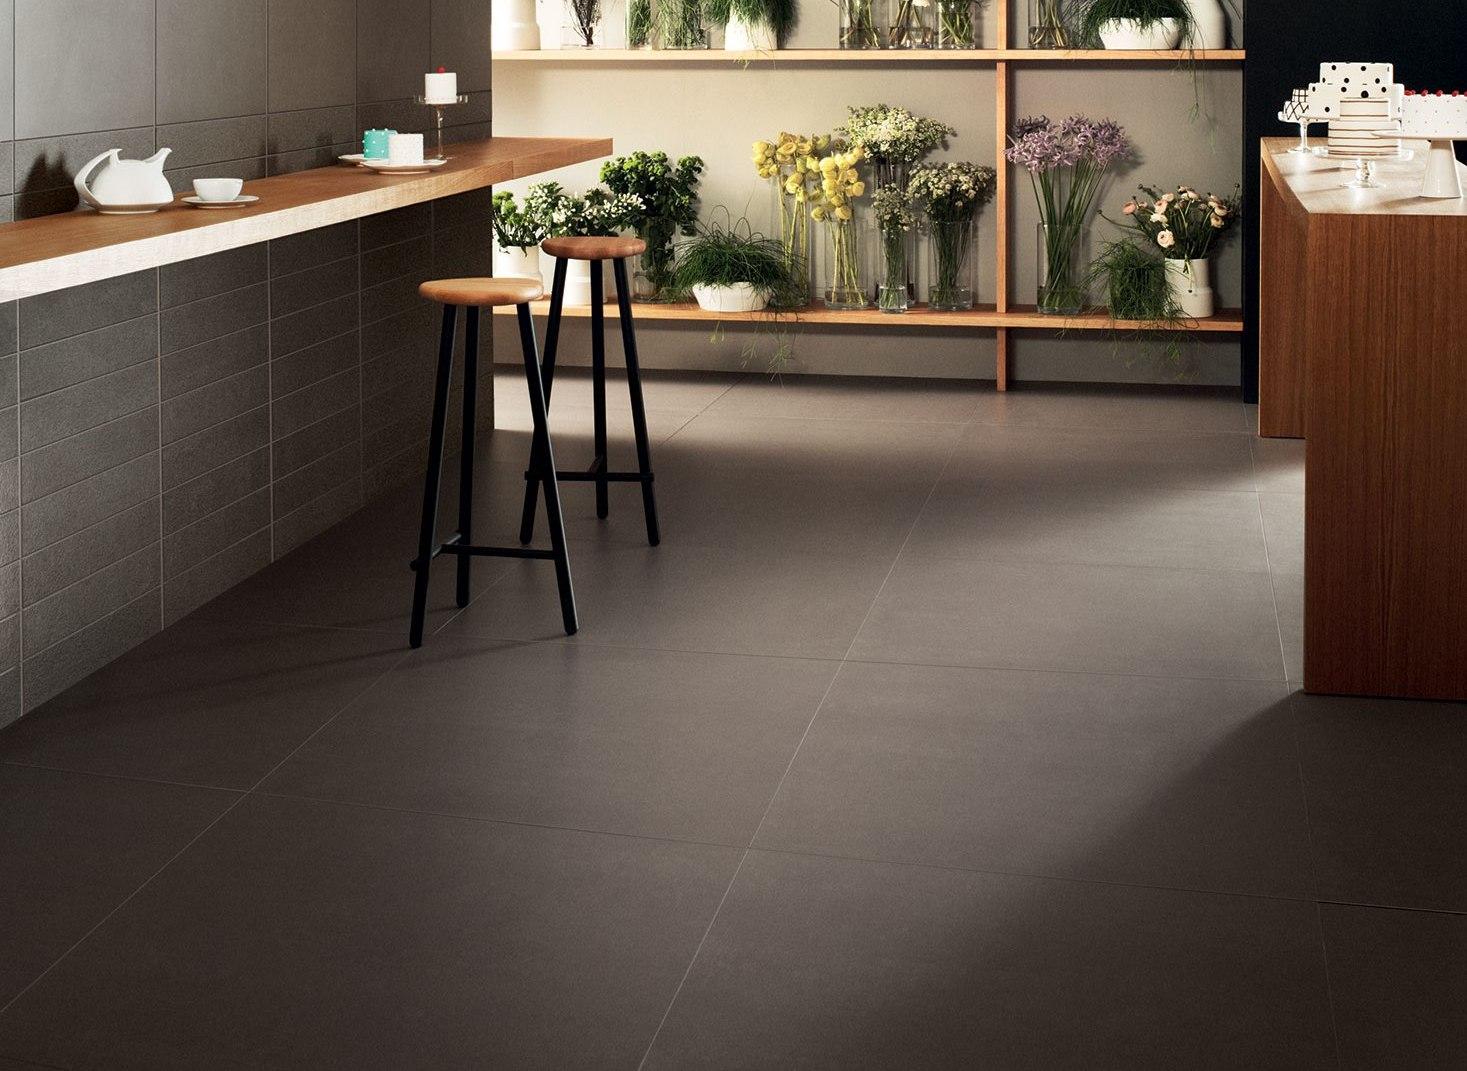 Parquet grigio chiaro pavimento grigio chiaro parquet in for Strumento di progettazione del layout del pavimento